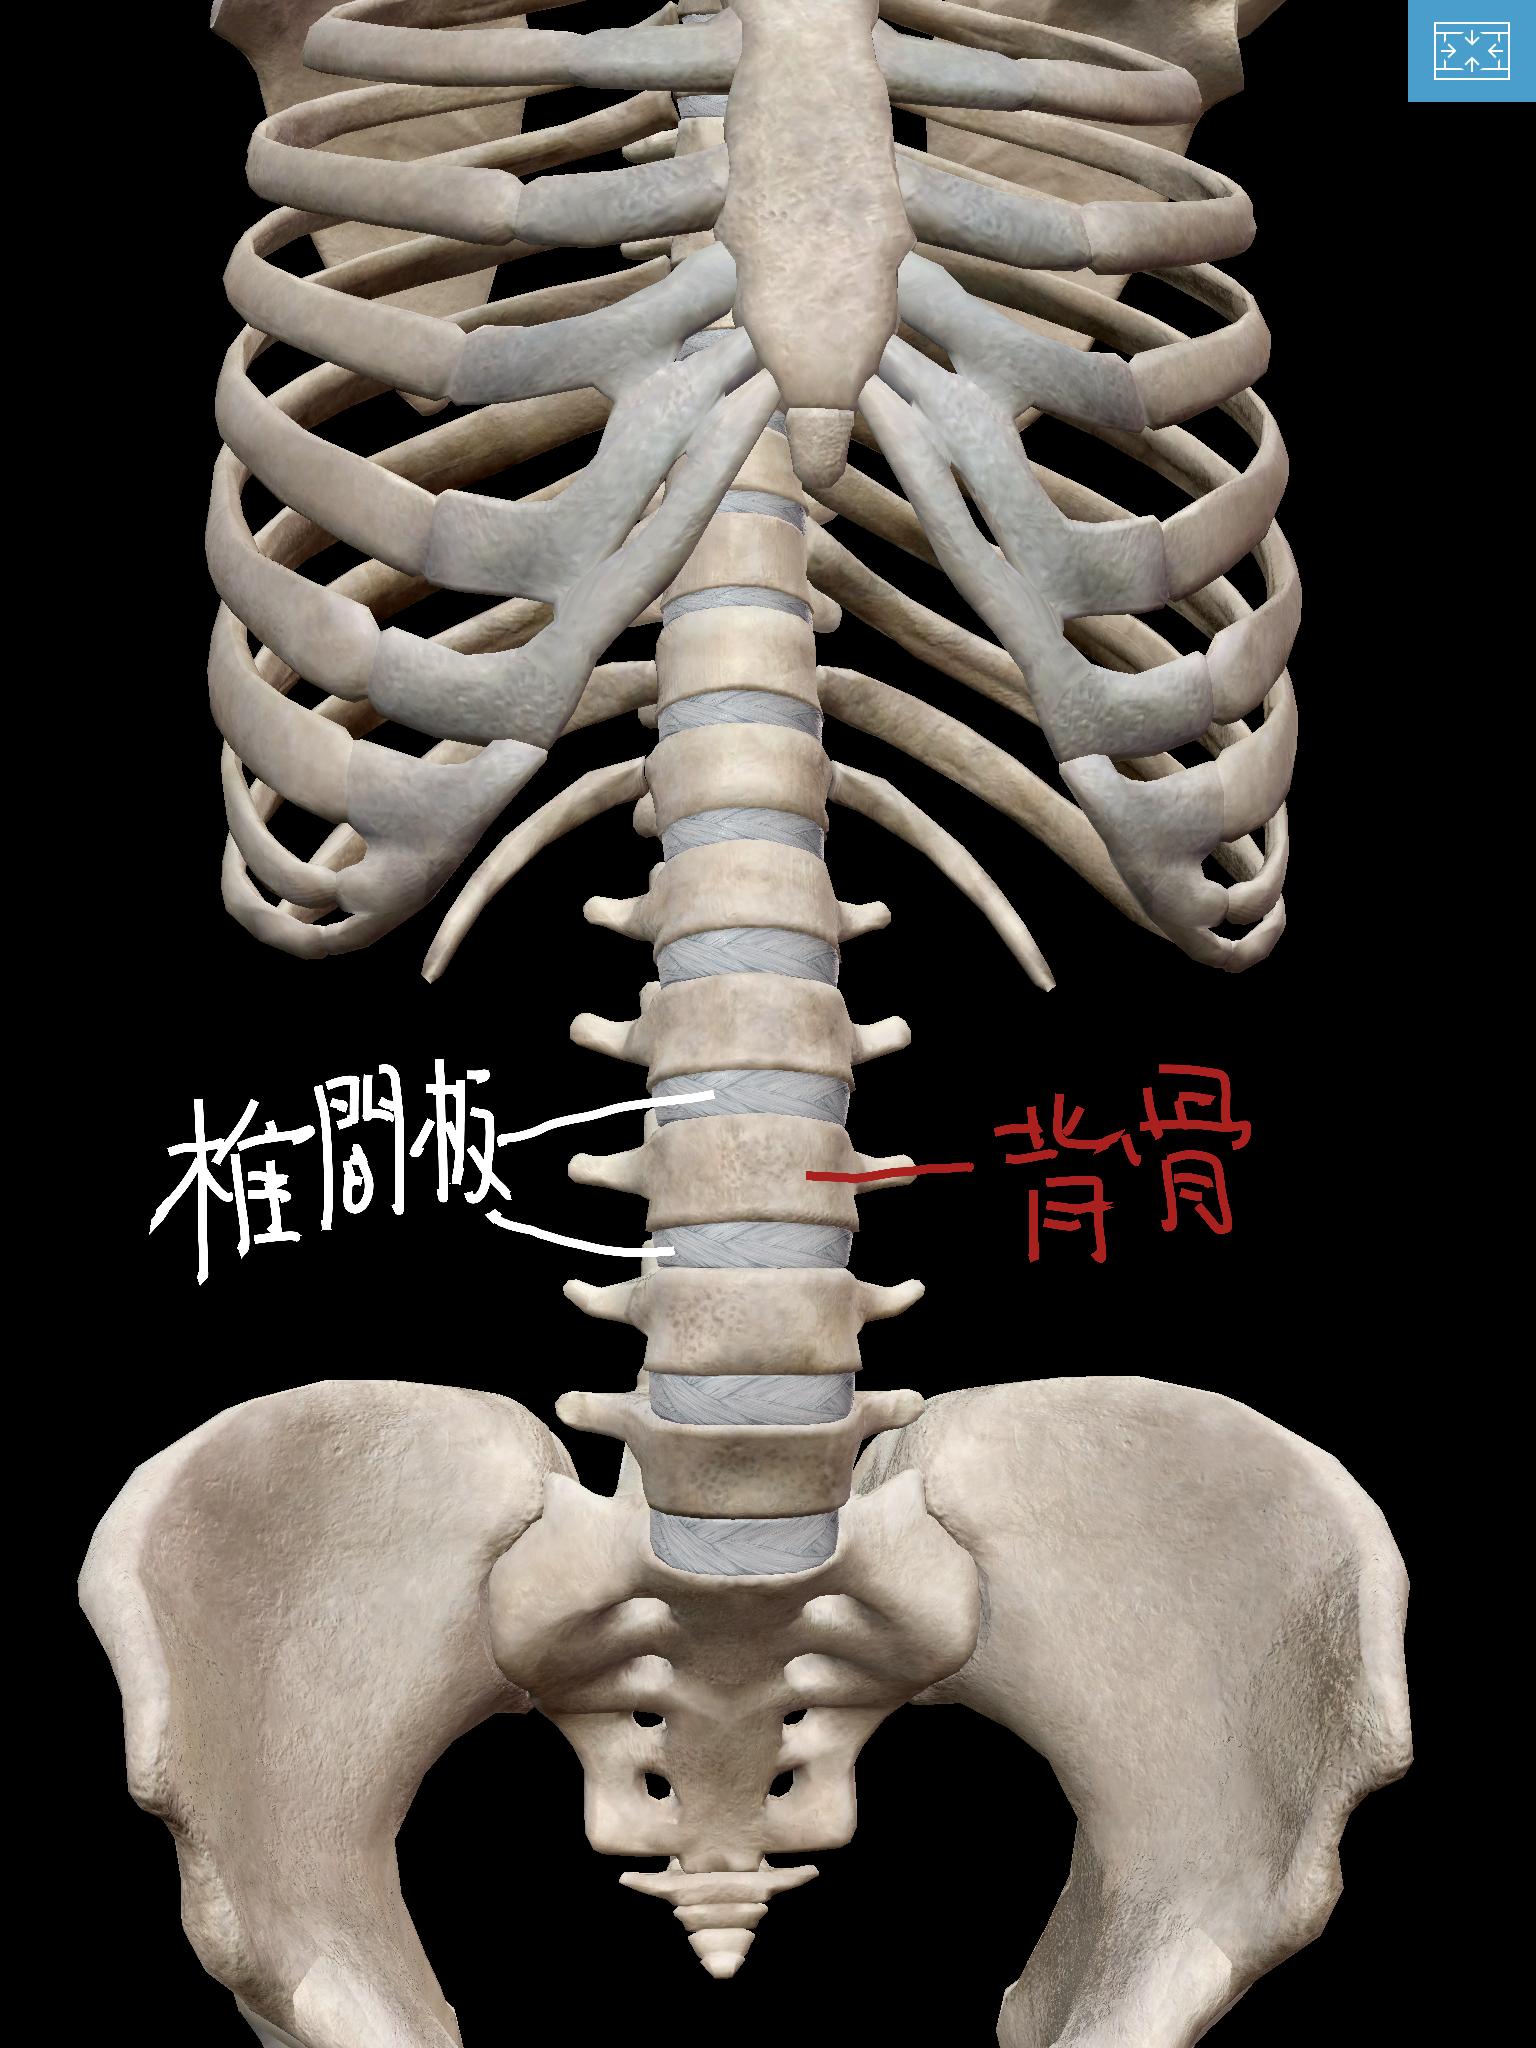 背骨と椎間板の位置関係